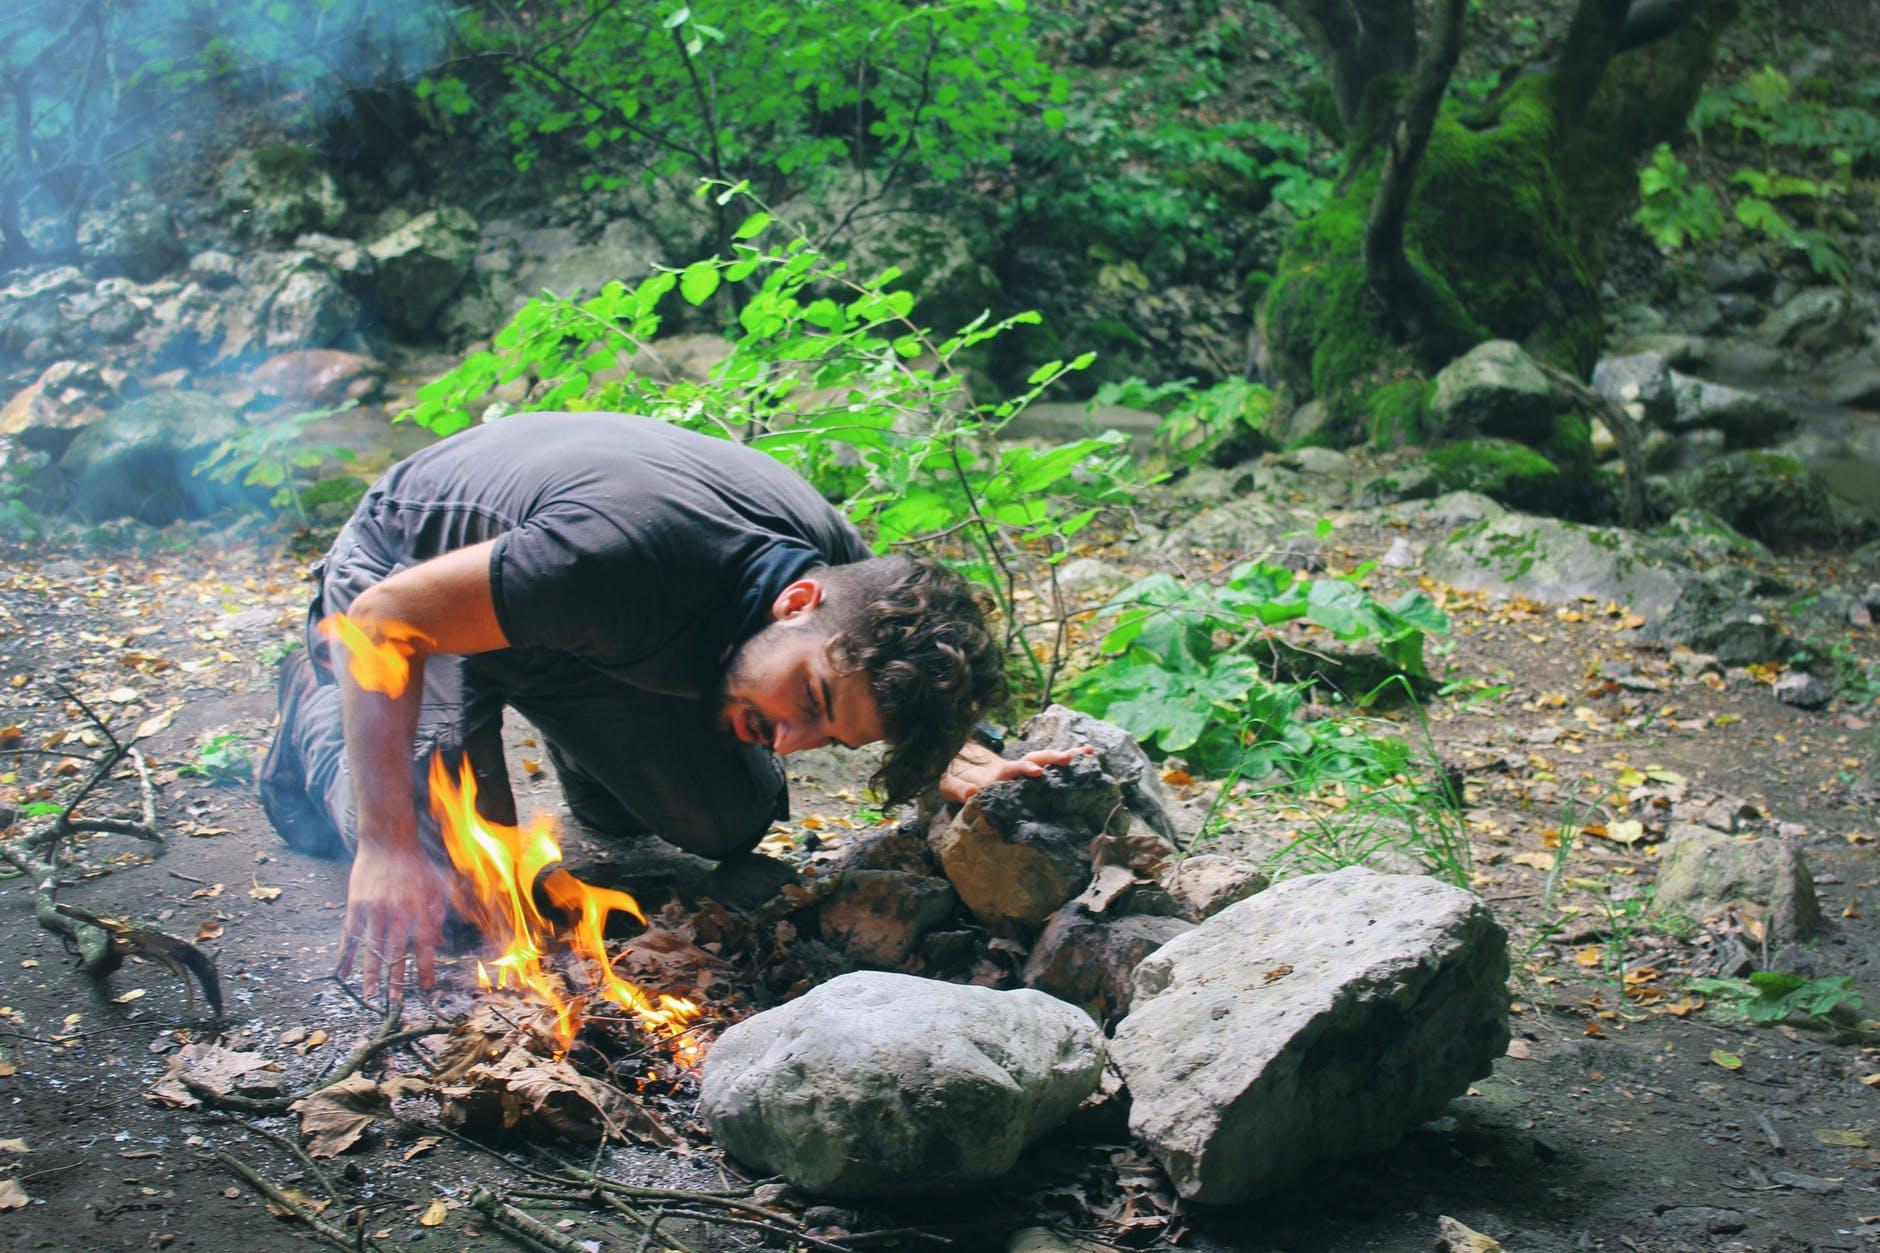 A photo of a man lighting a camp fire